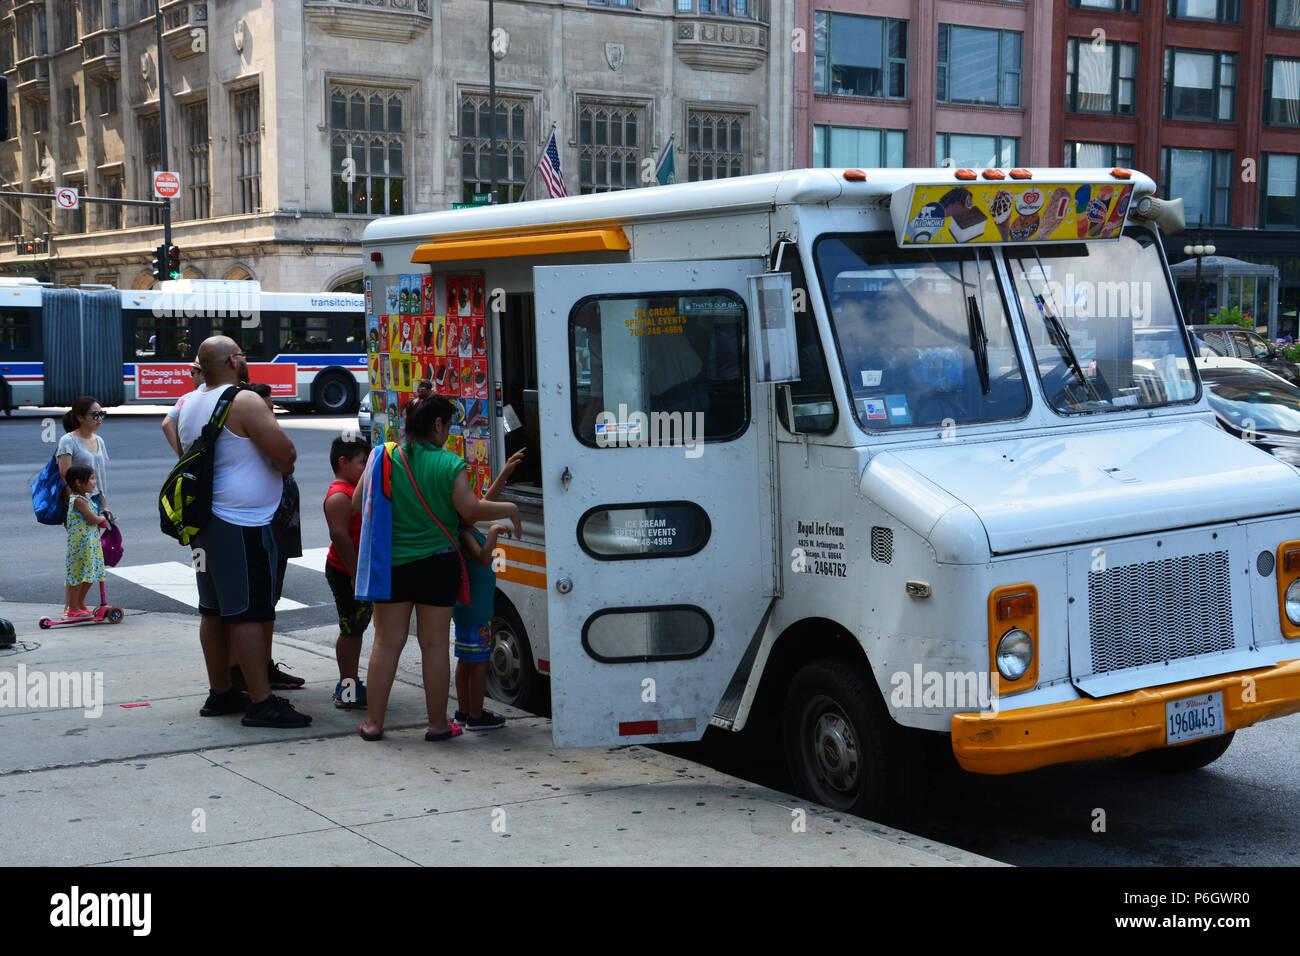 Una familia compra helados desde un camión vintage junto al Parque del Milenio de Chicago. Imagen De Stock